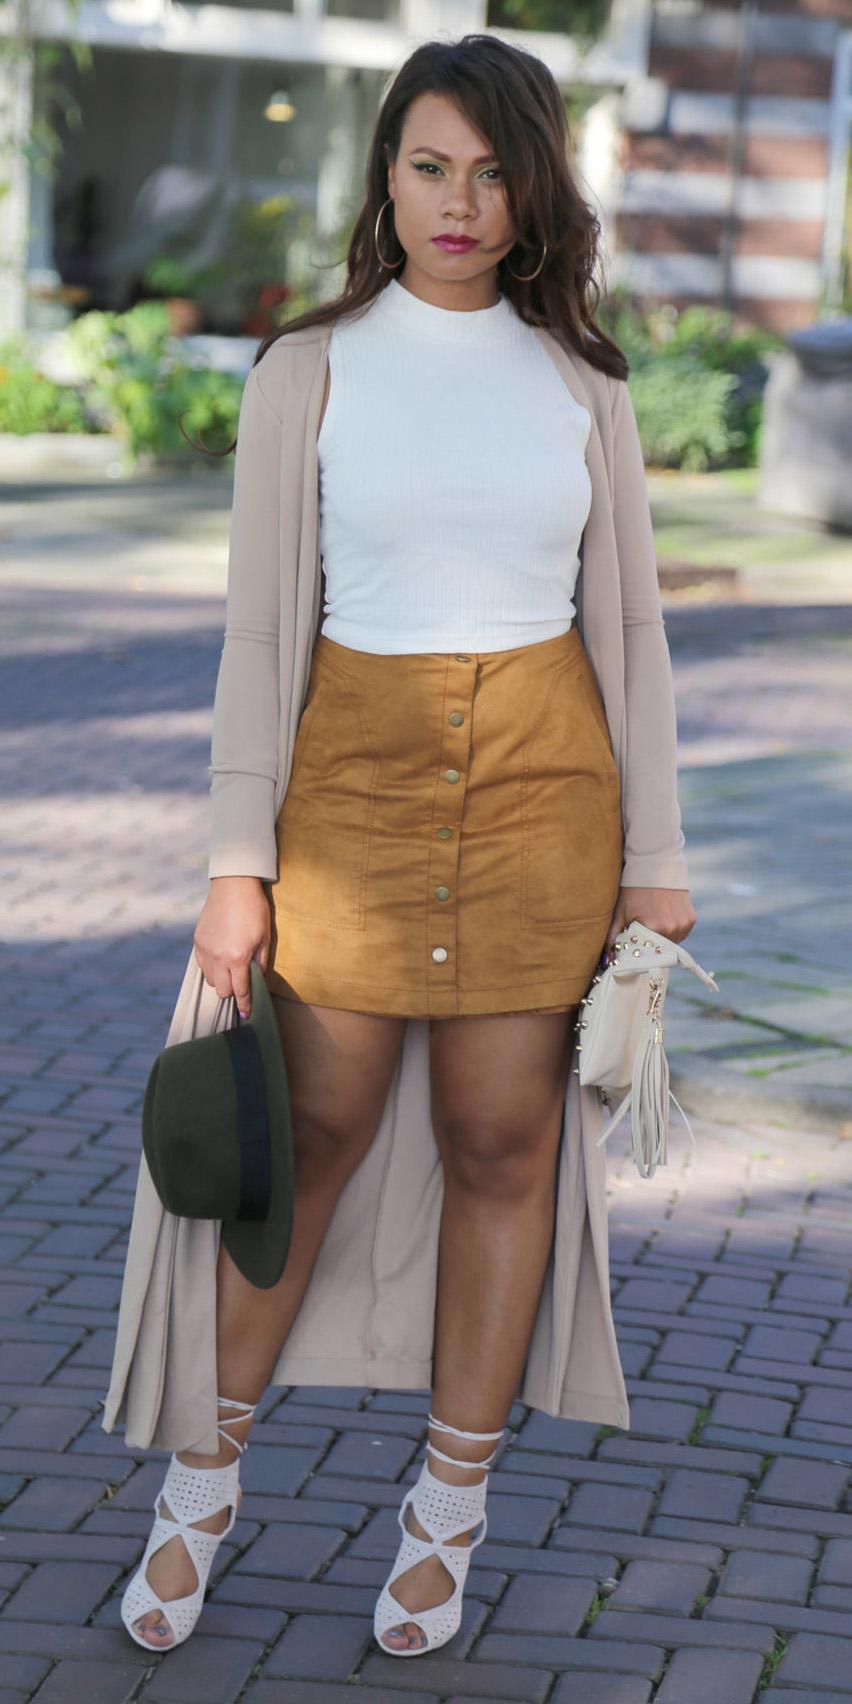 tan-mini-skirt-white-top-brun-hoops-hat-white-shoe-sandalh-tan-cardiganl-fall-winter-lunch.jpg